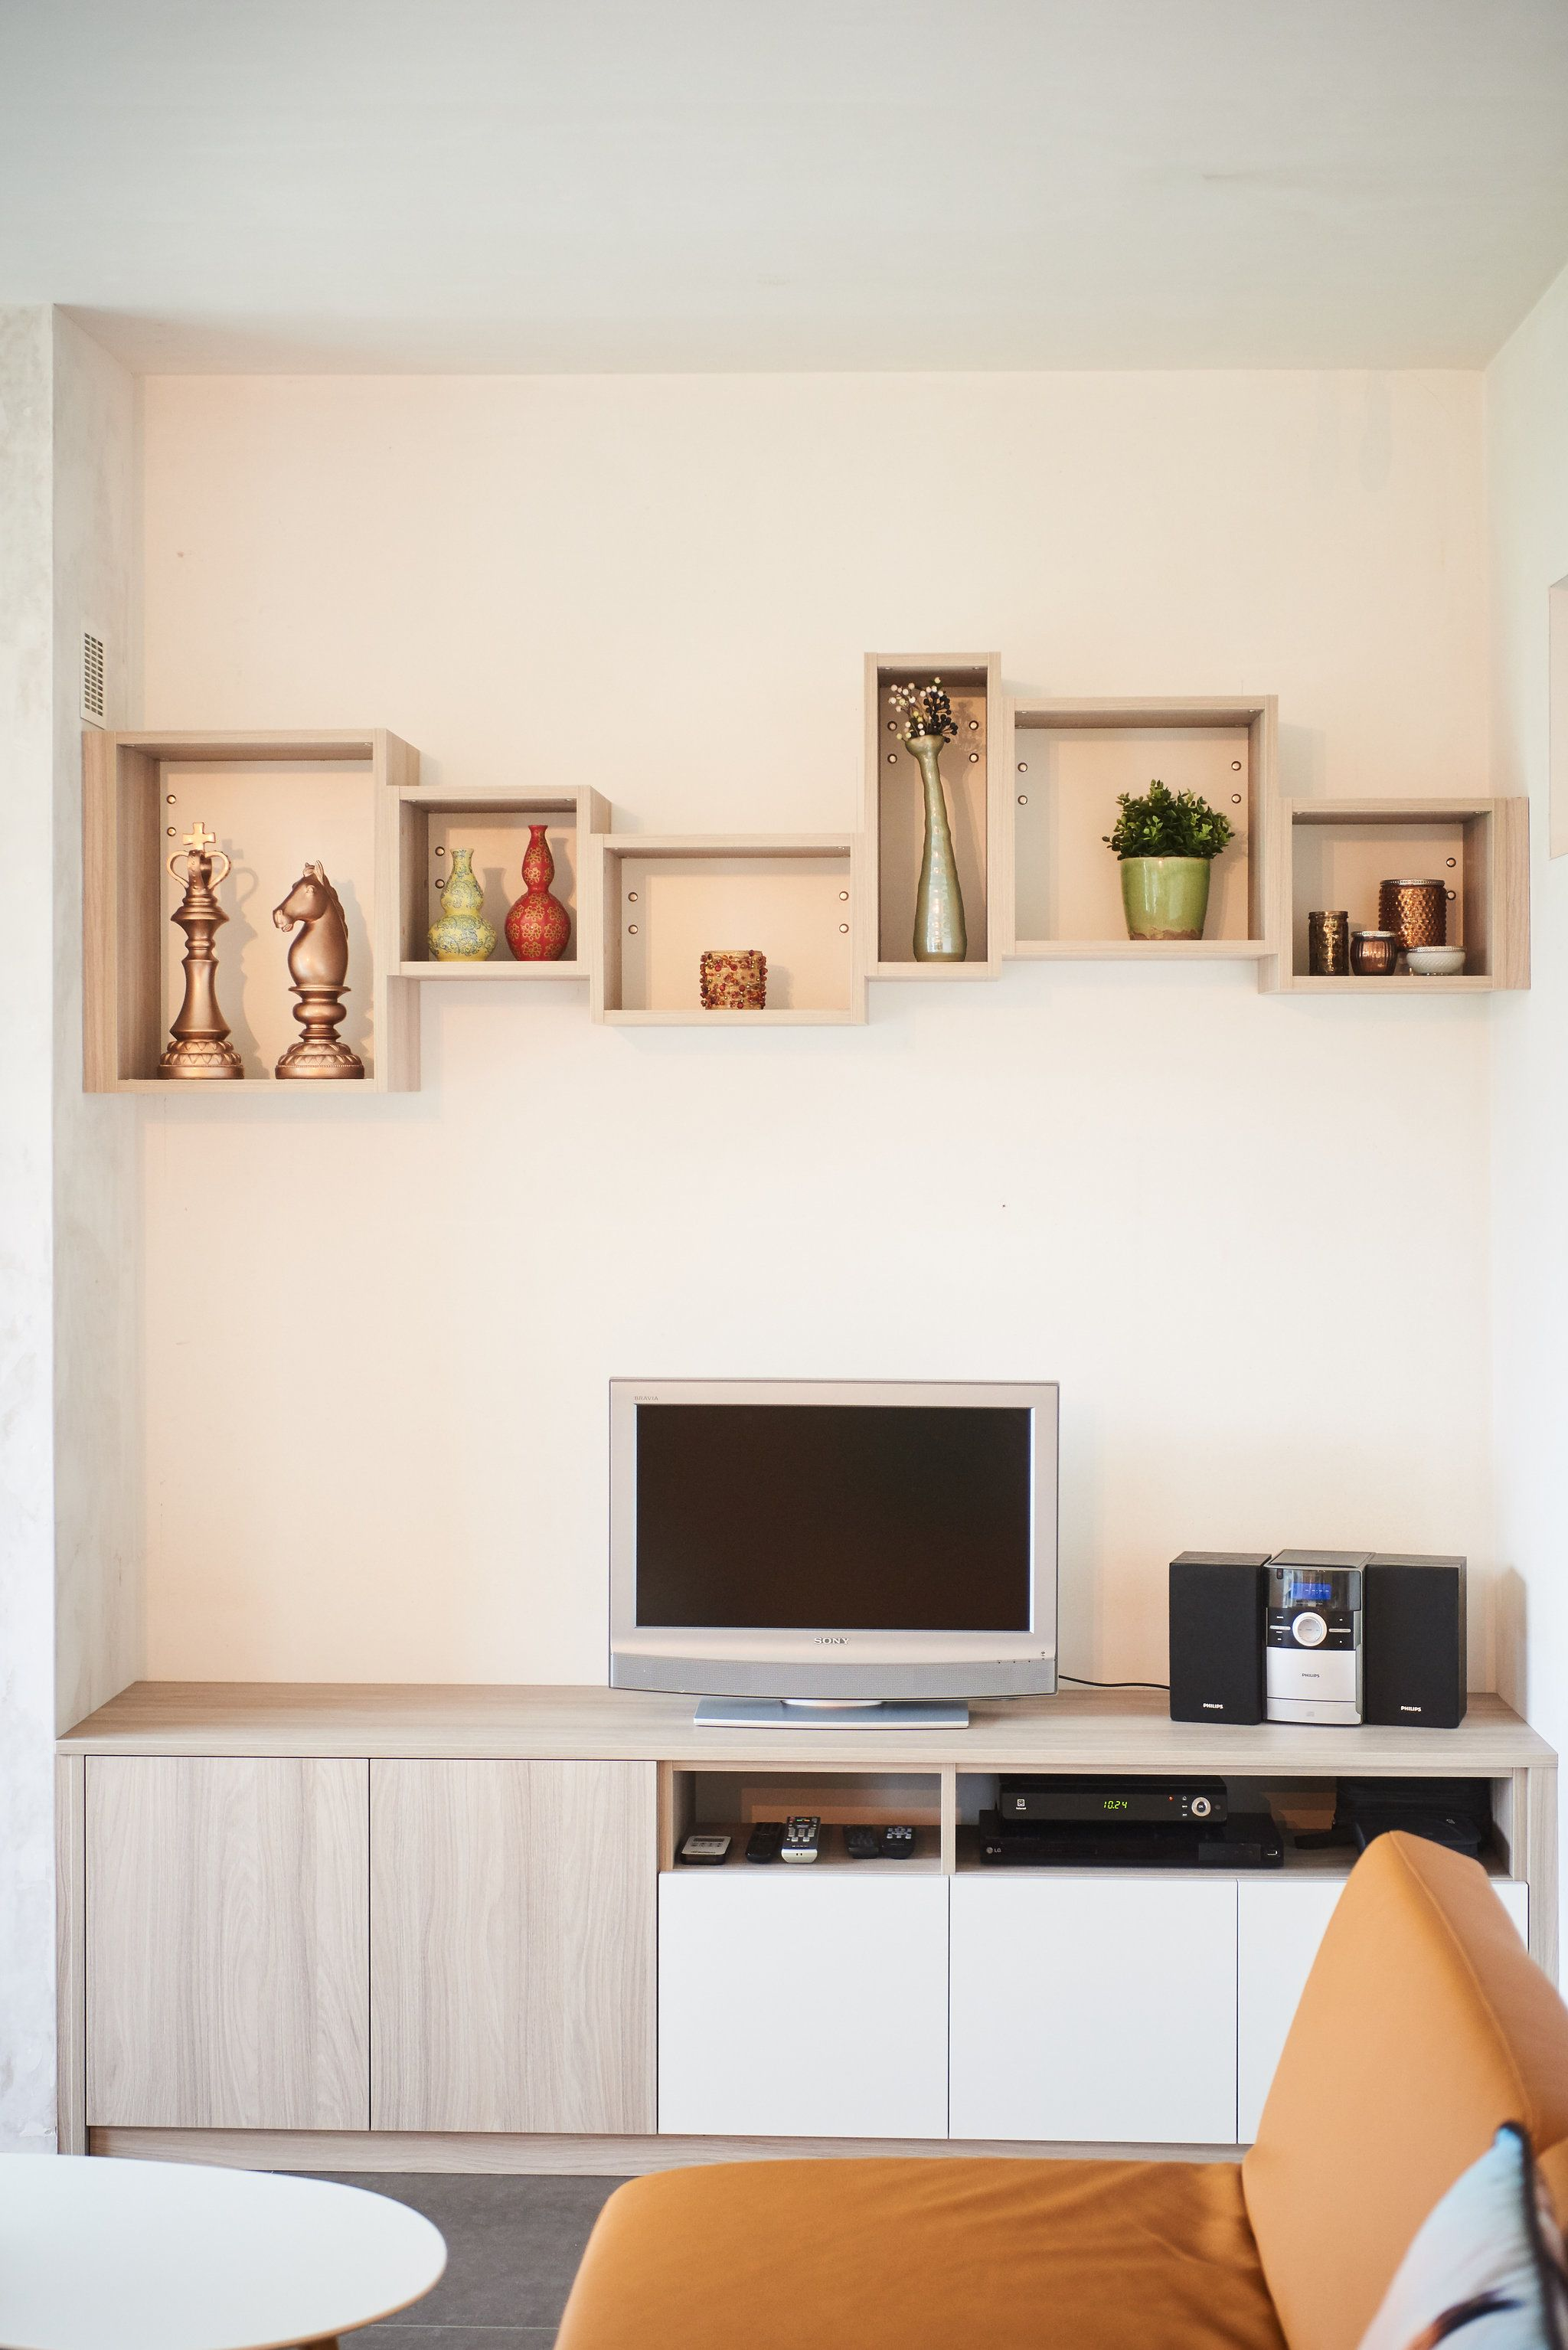 Meuble Salon Sur Mesure Salonmeubel Op Maat Custom Made Tv Cupboard Living Room Home Decor Furniture Home